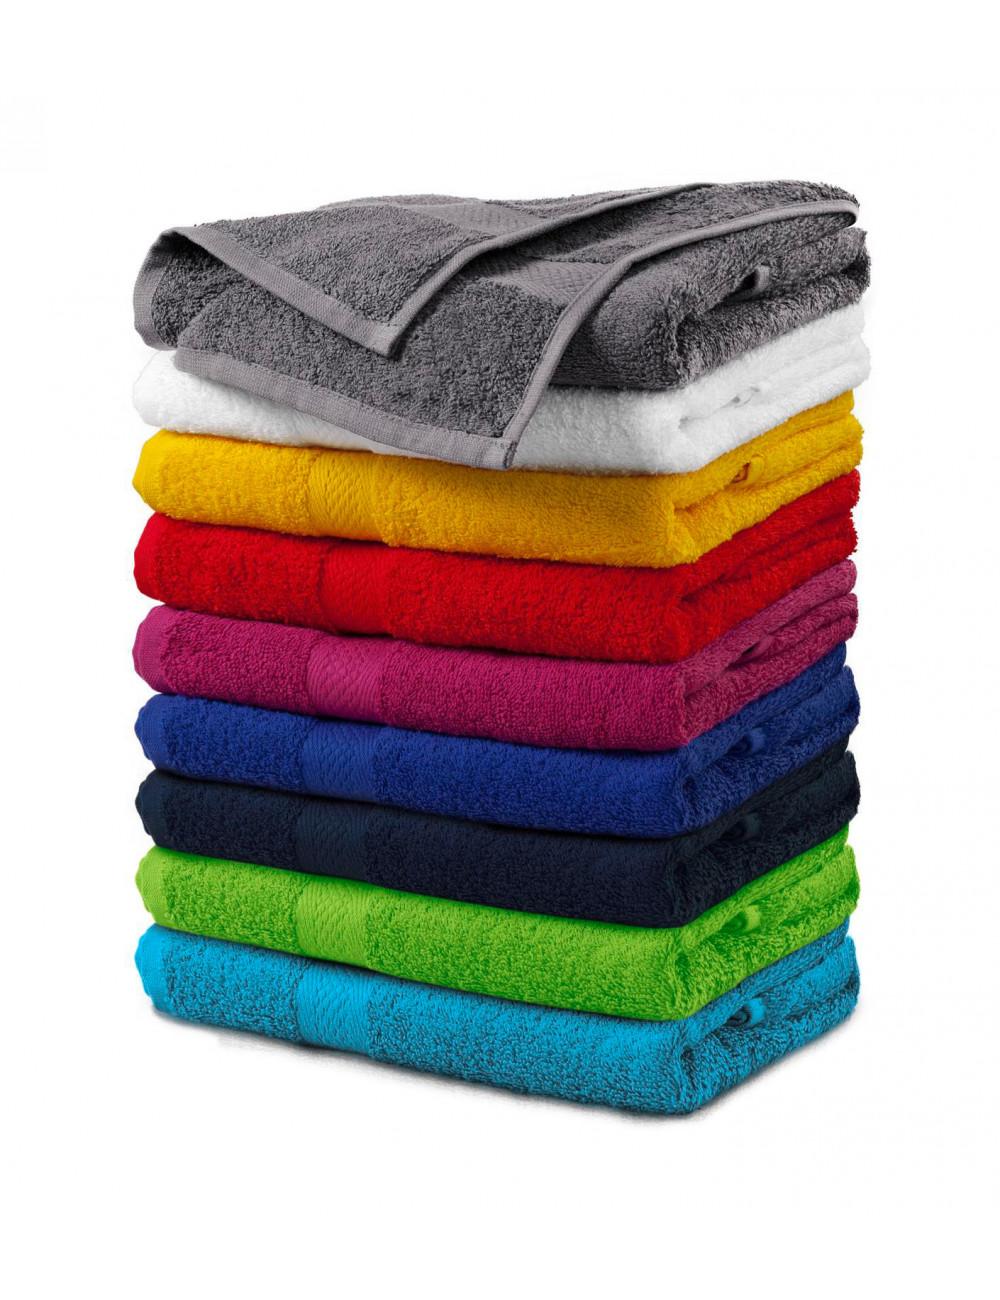 Adler MALFINI Ręcznik unisex Terry Towel 903 żółty